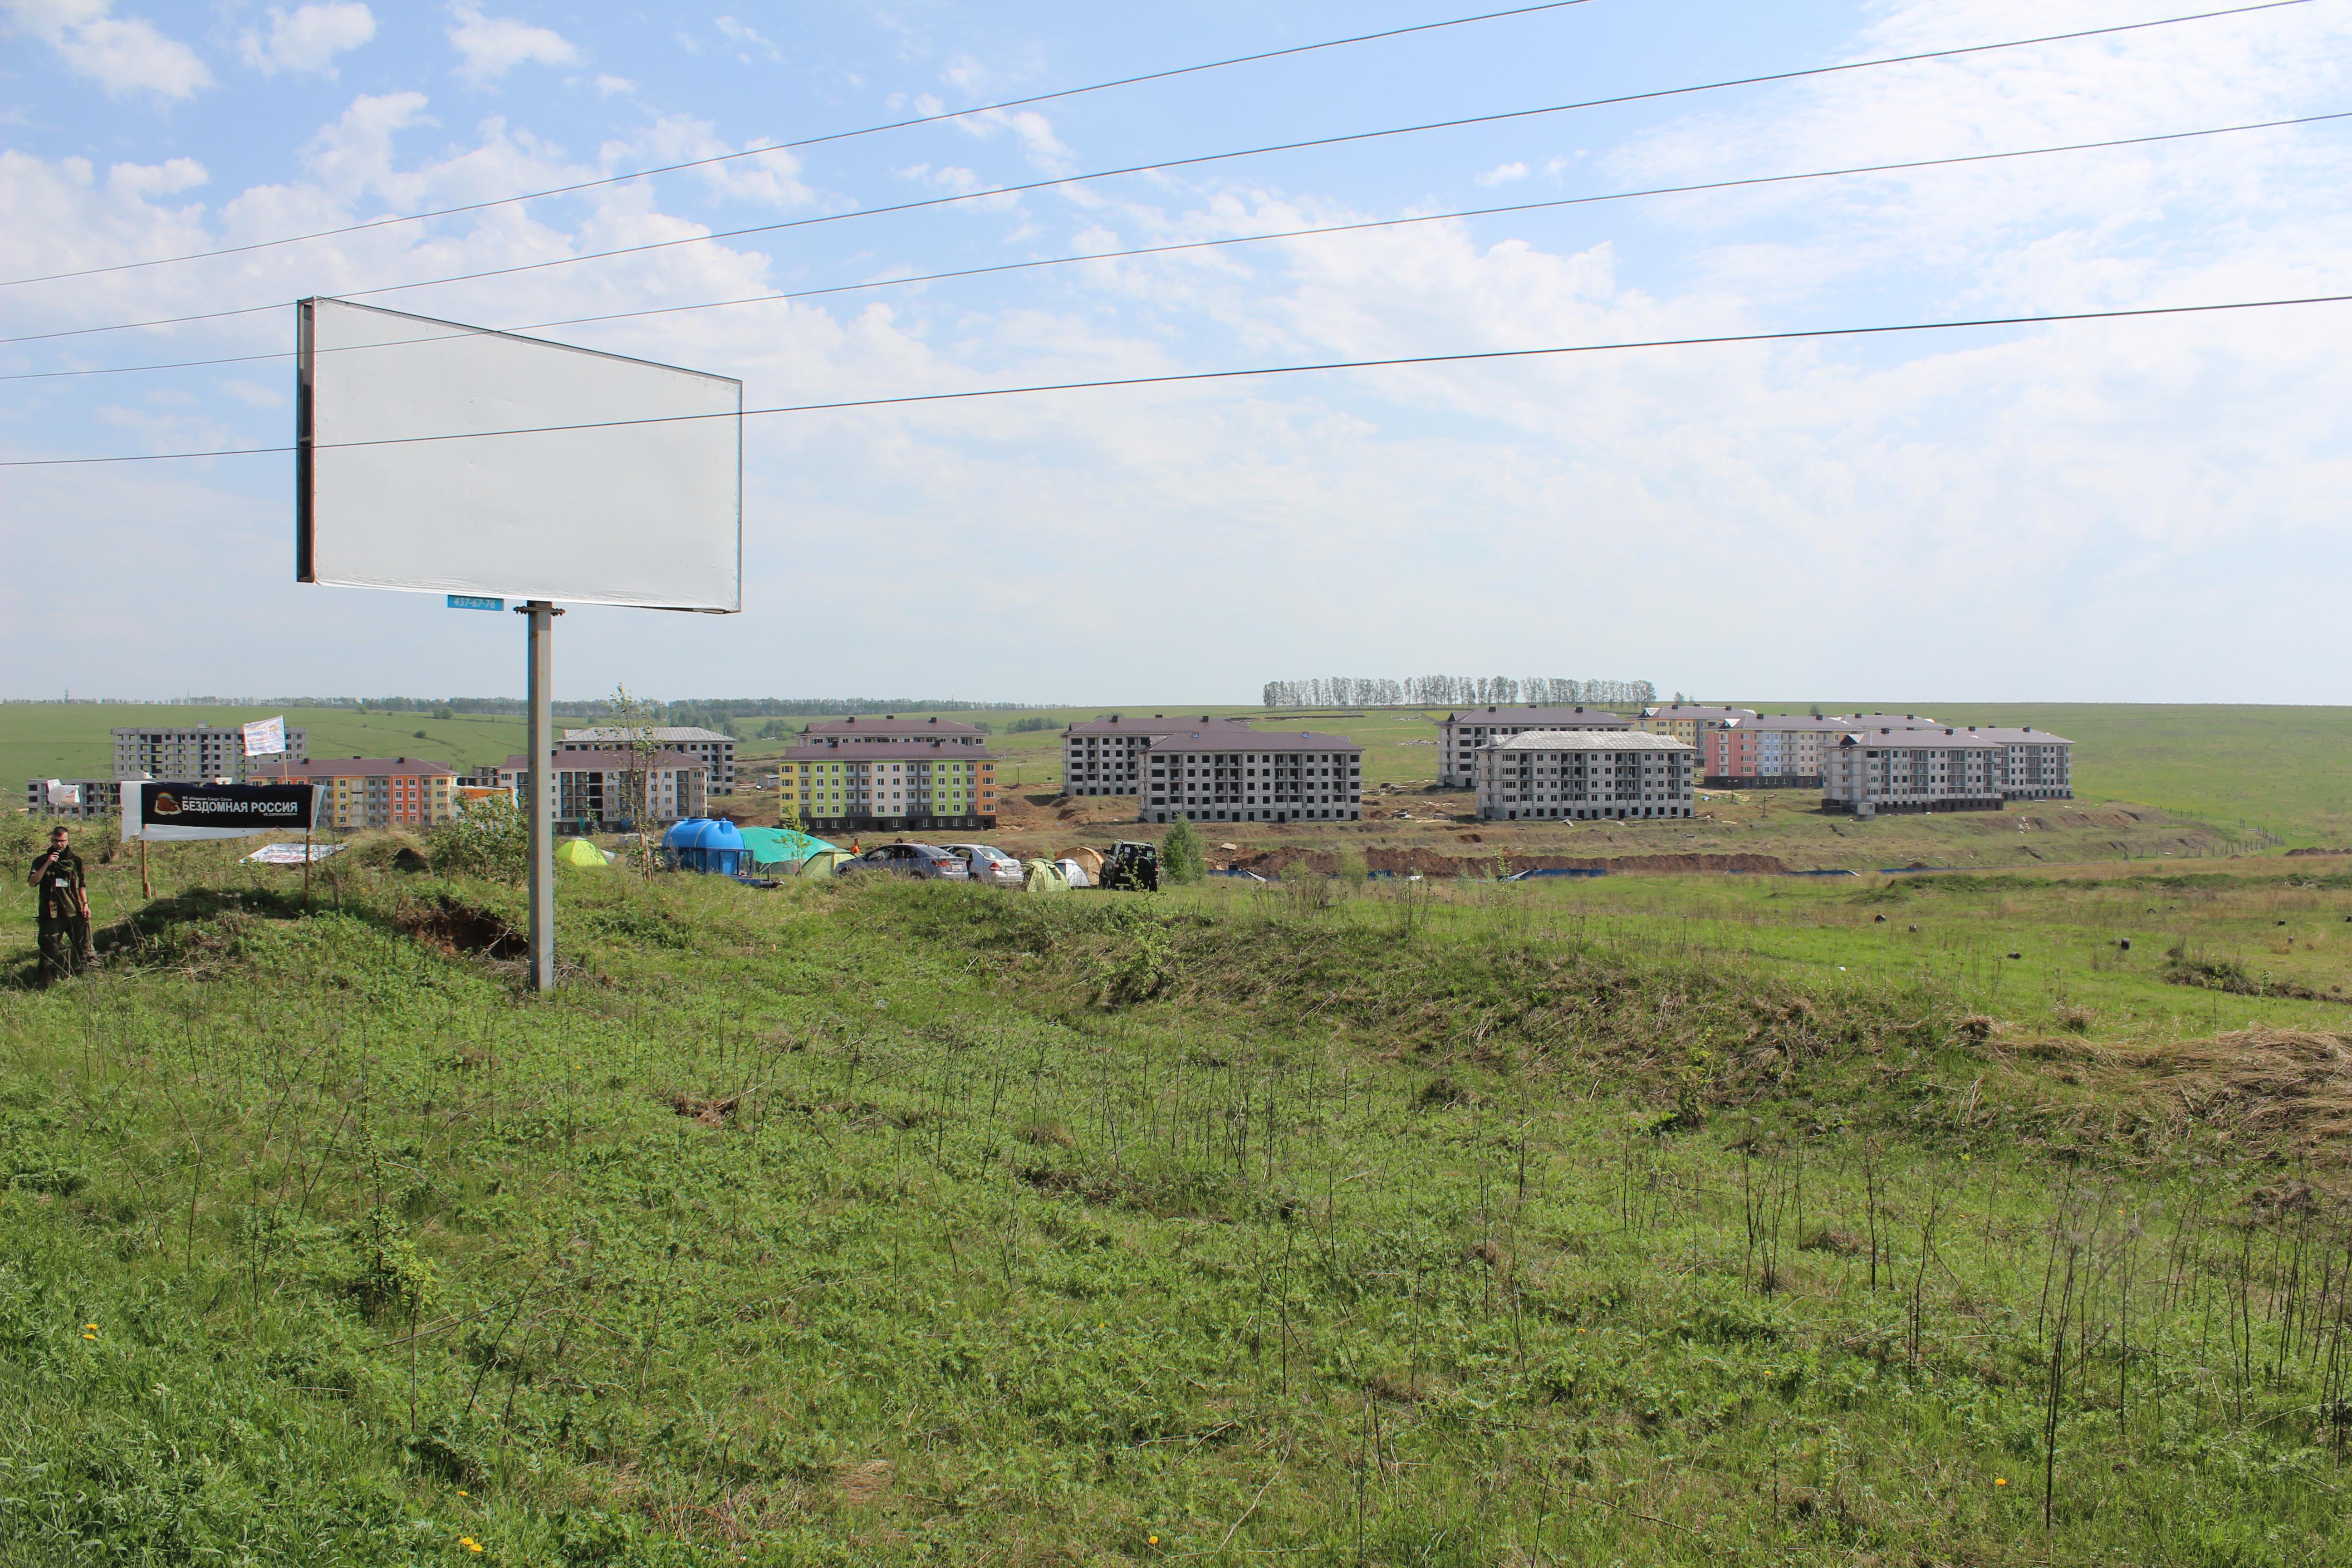 Жители Новинок опасаются изменений коммунальных платежей из-за присоединения к Нижнему Новгороду